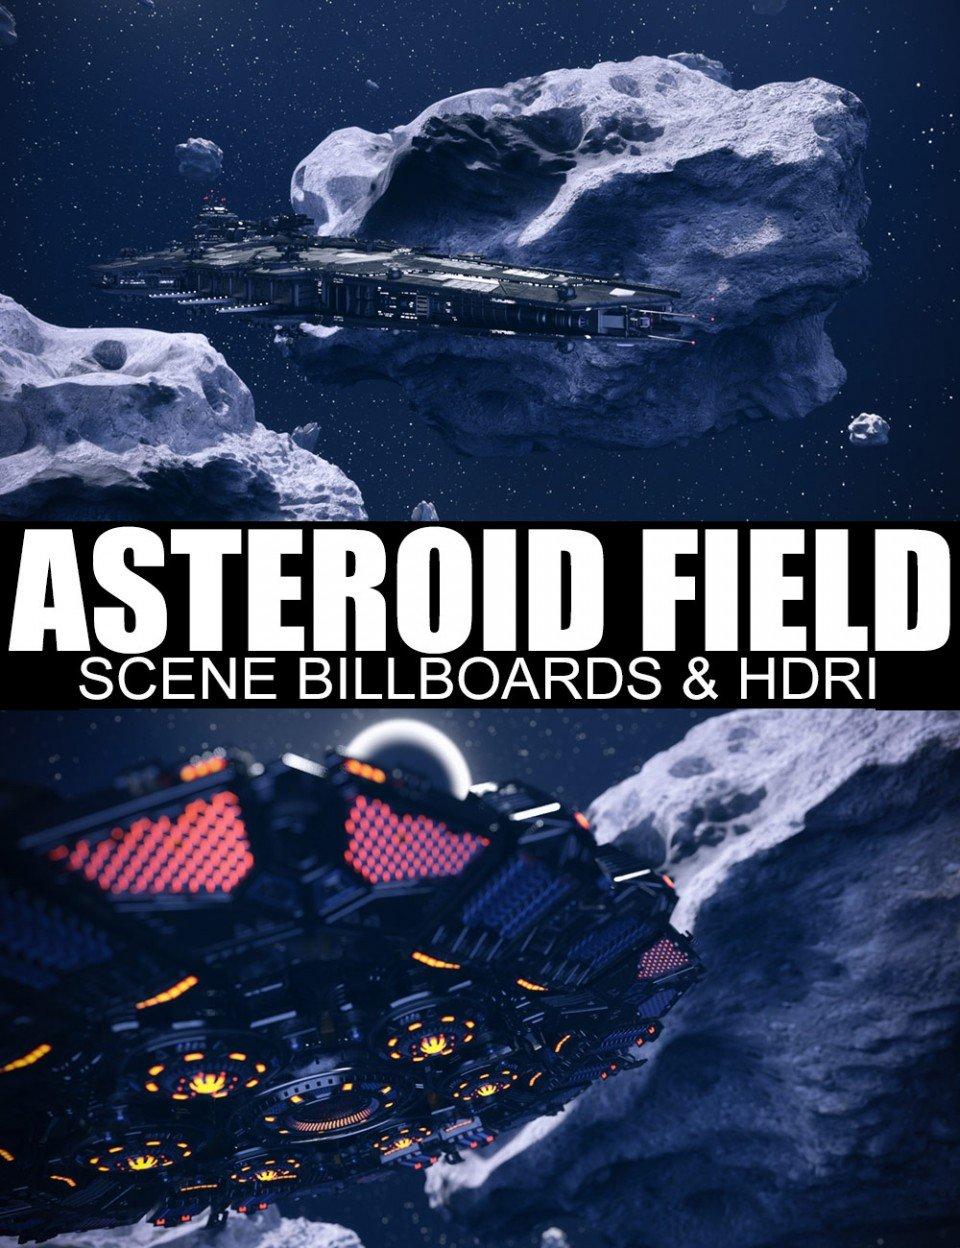 Asteroid Field Scene Billboards and HDRI_DAZ3D下载站